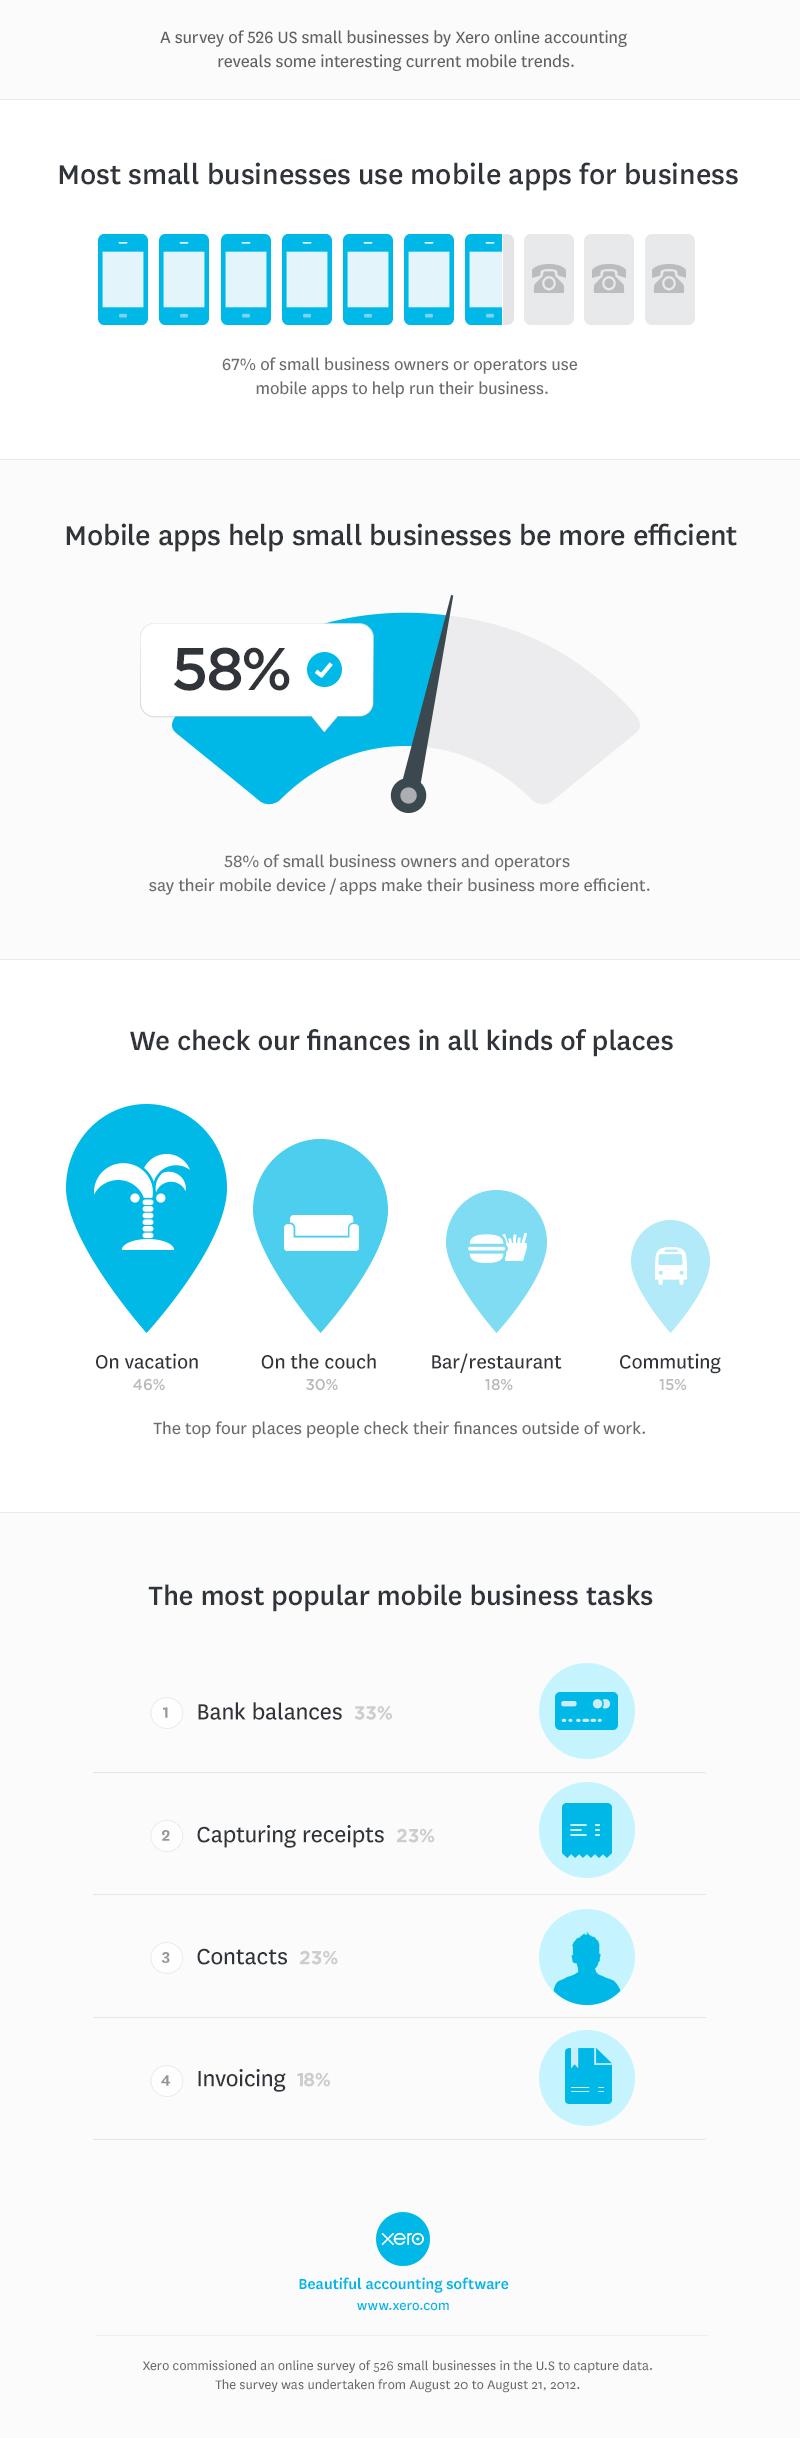 xero-infographic